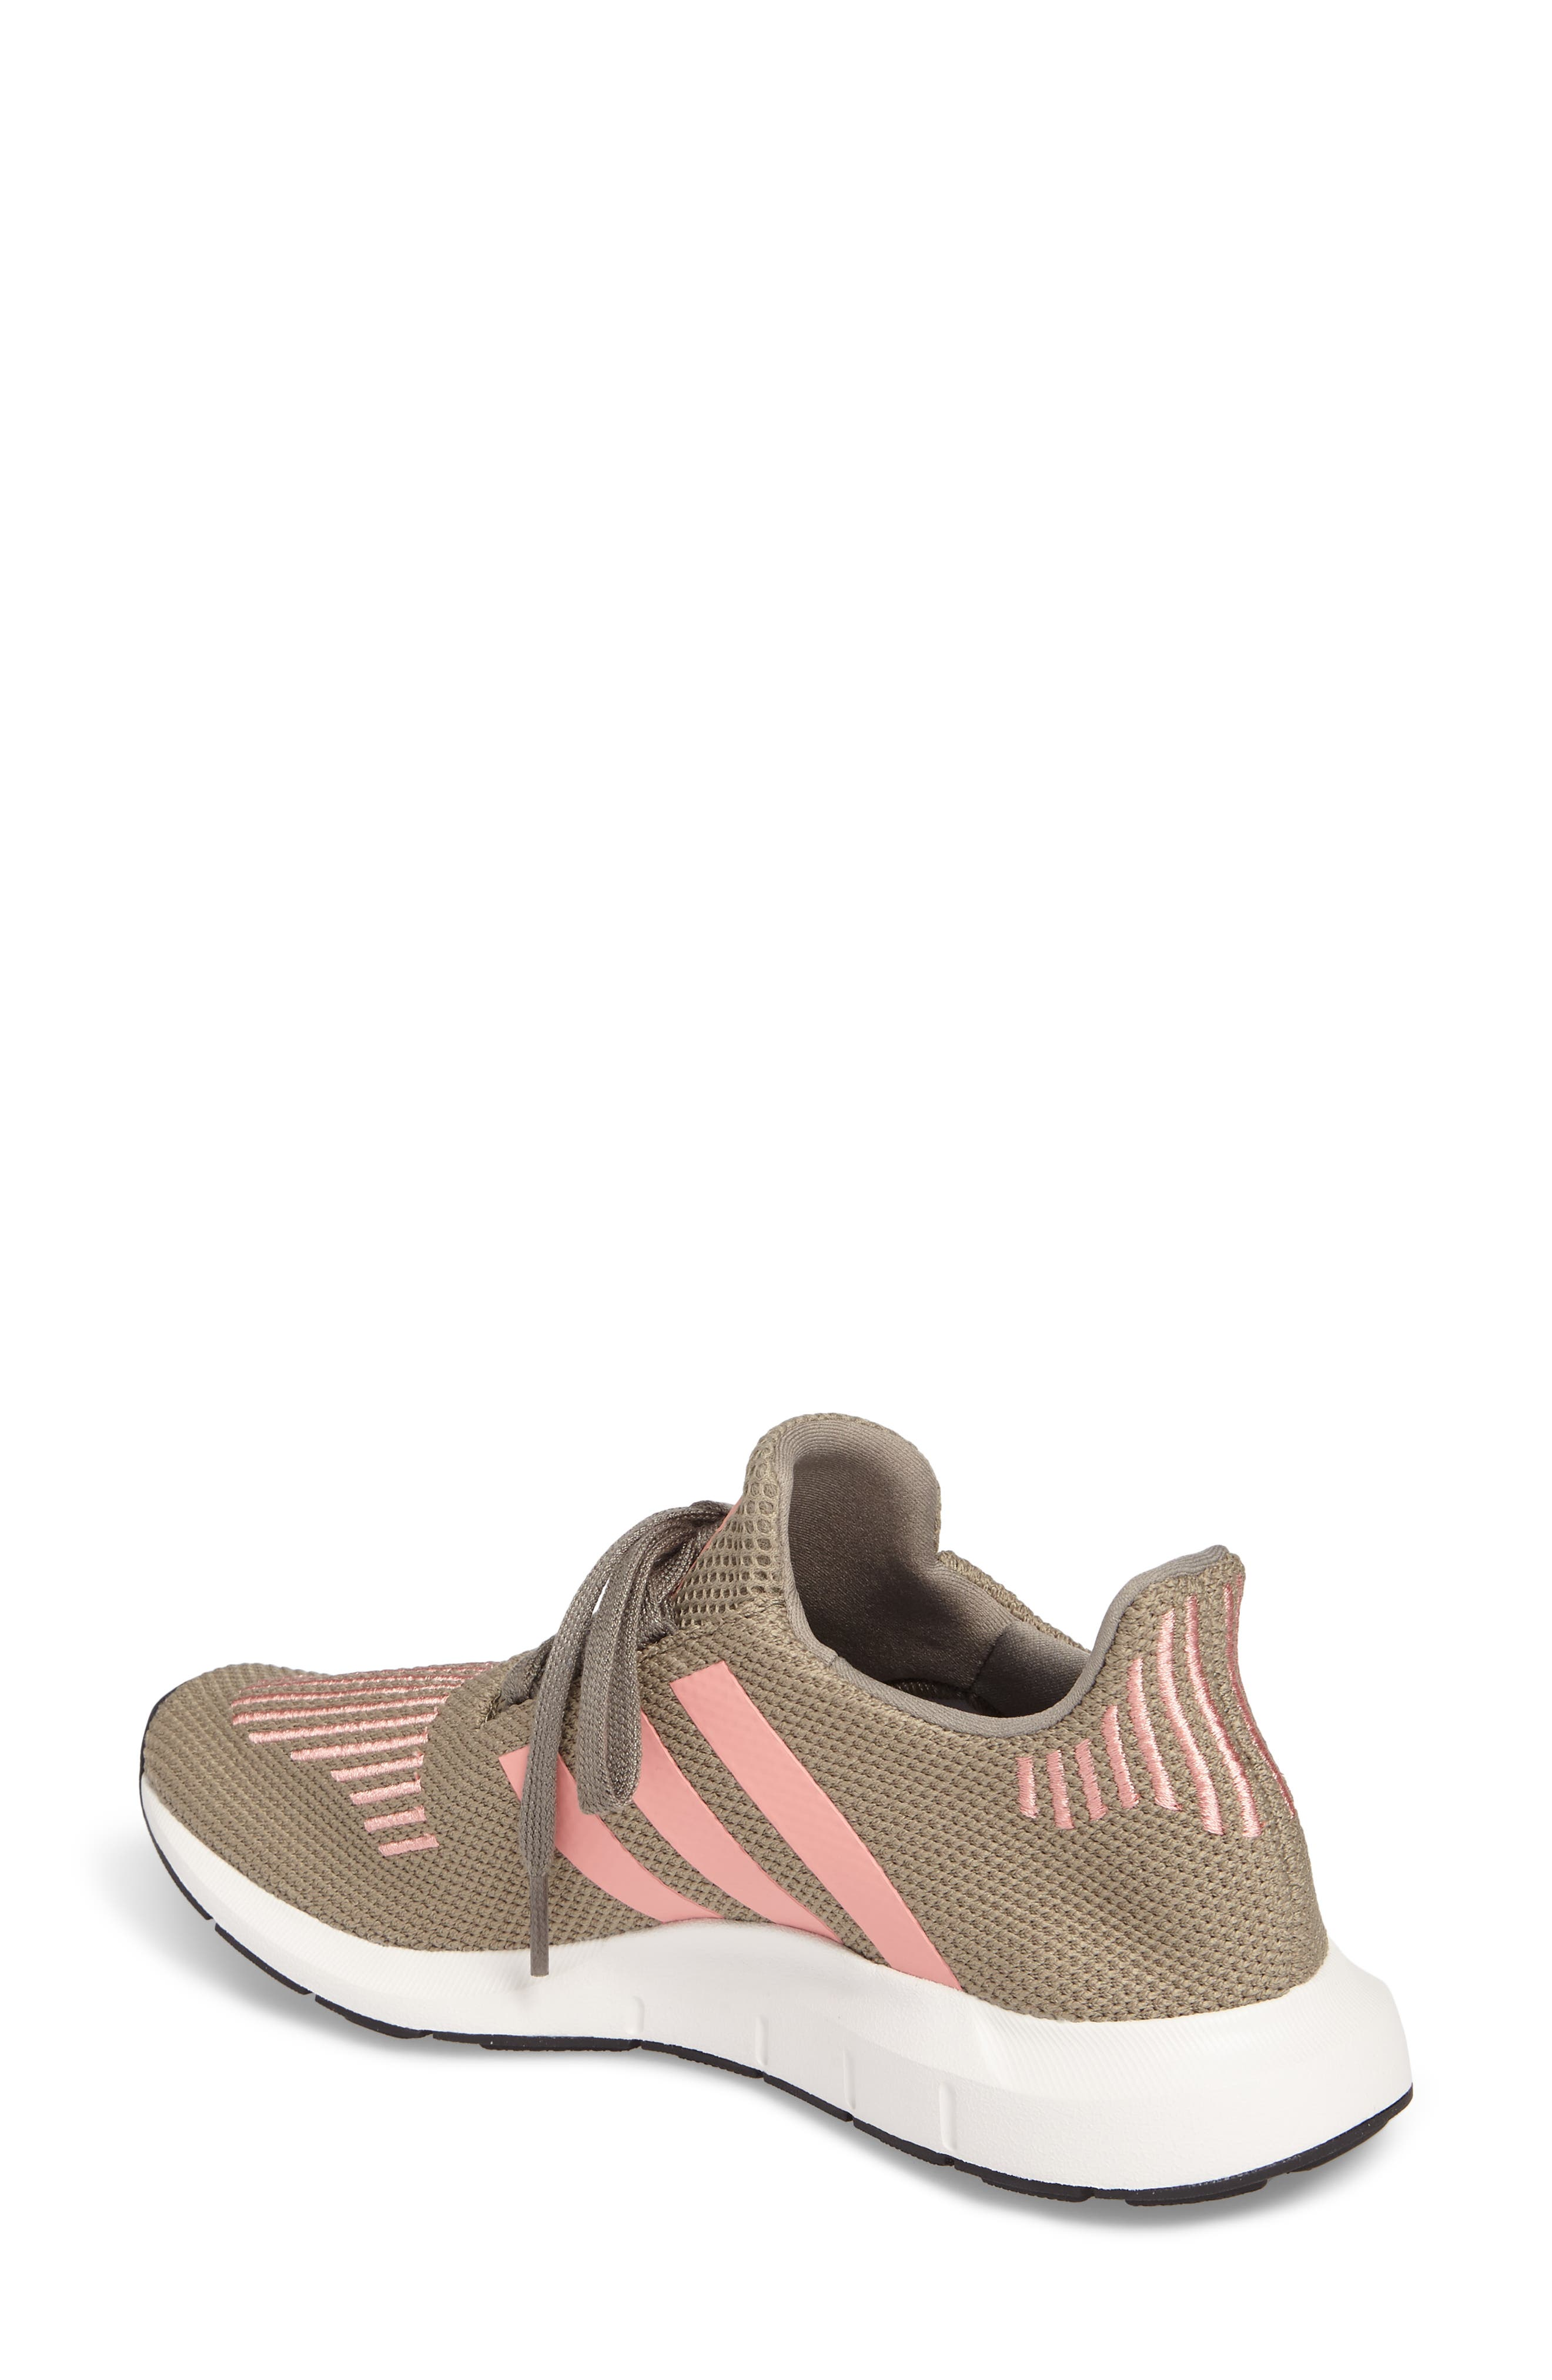 Swift Run Sneaker,                             Alternate thumbnail 75, color,